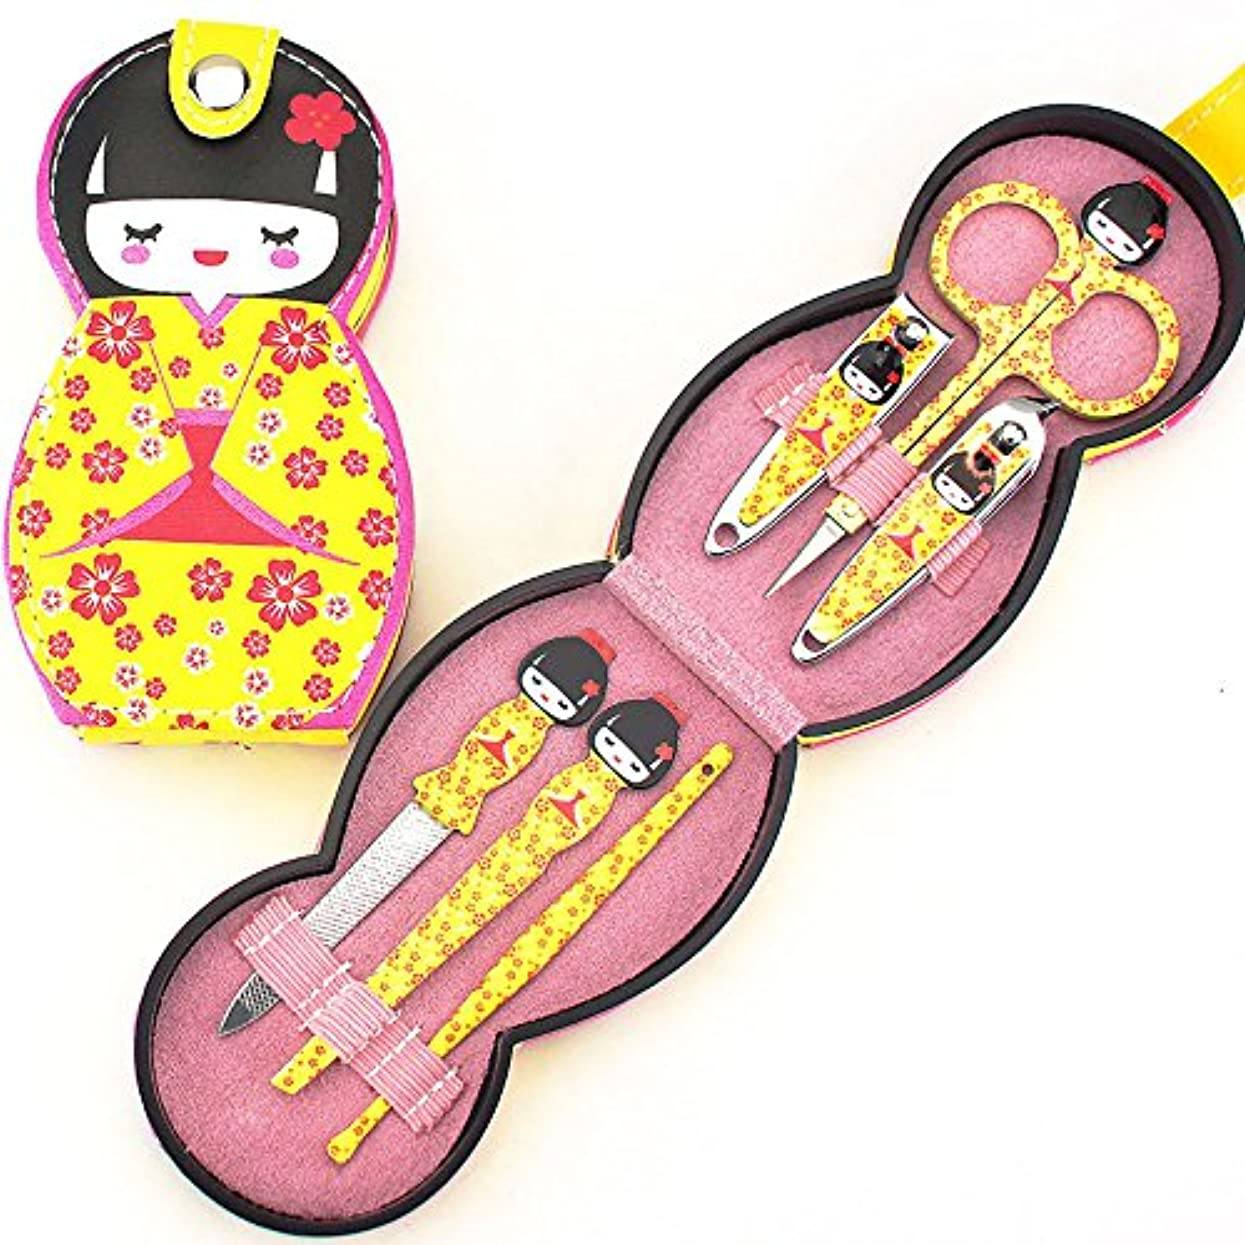 ホール困った敵Zlianhui 6ピース日本人形ネイルケアセット、ネイルケアセット装飾ネイル美容セット旅行 (Yellow)